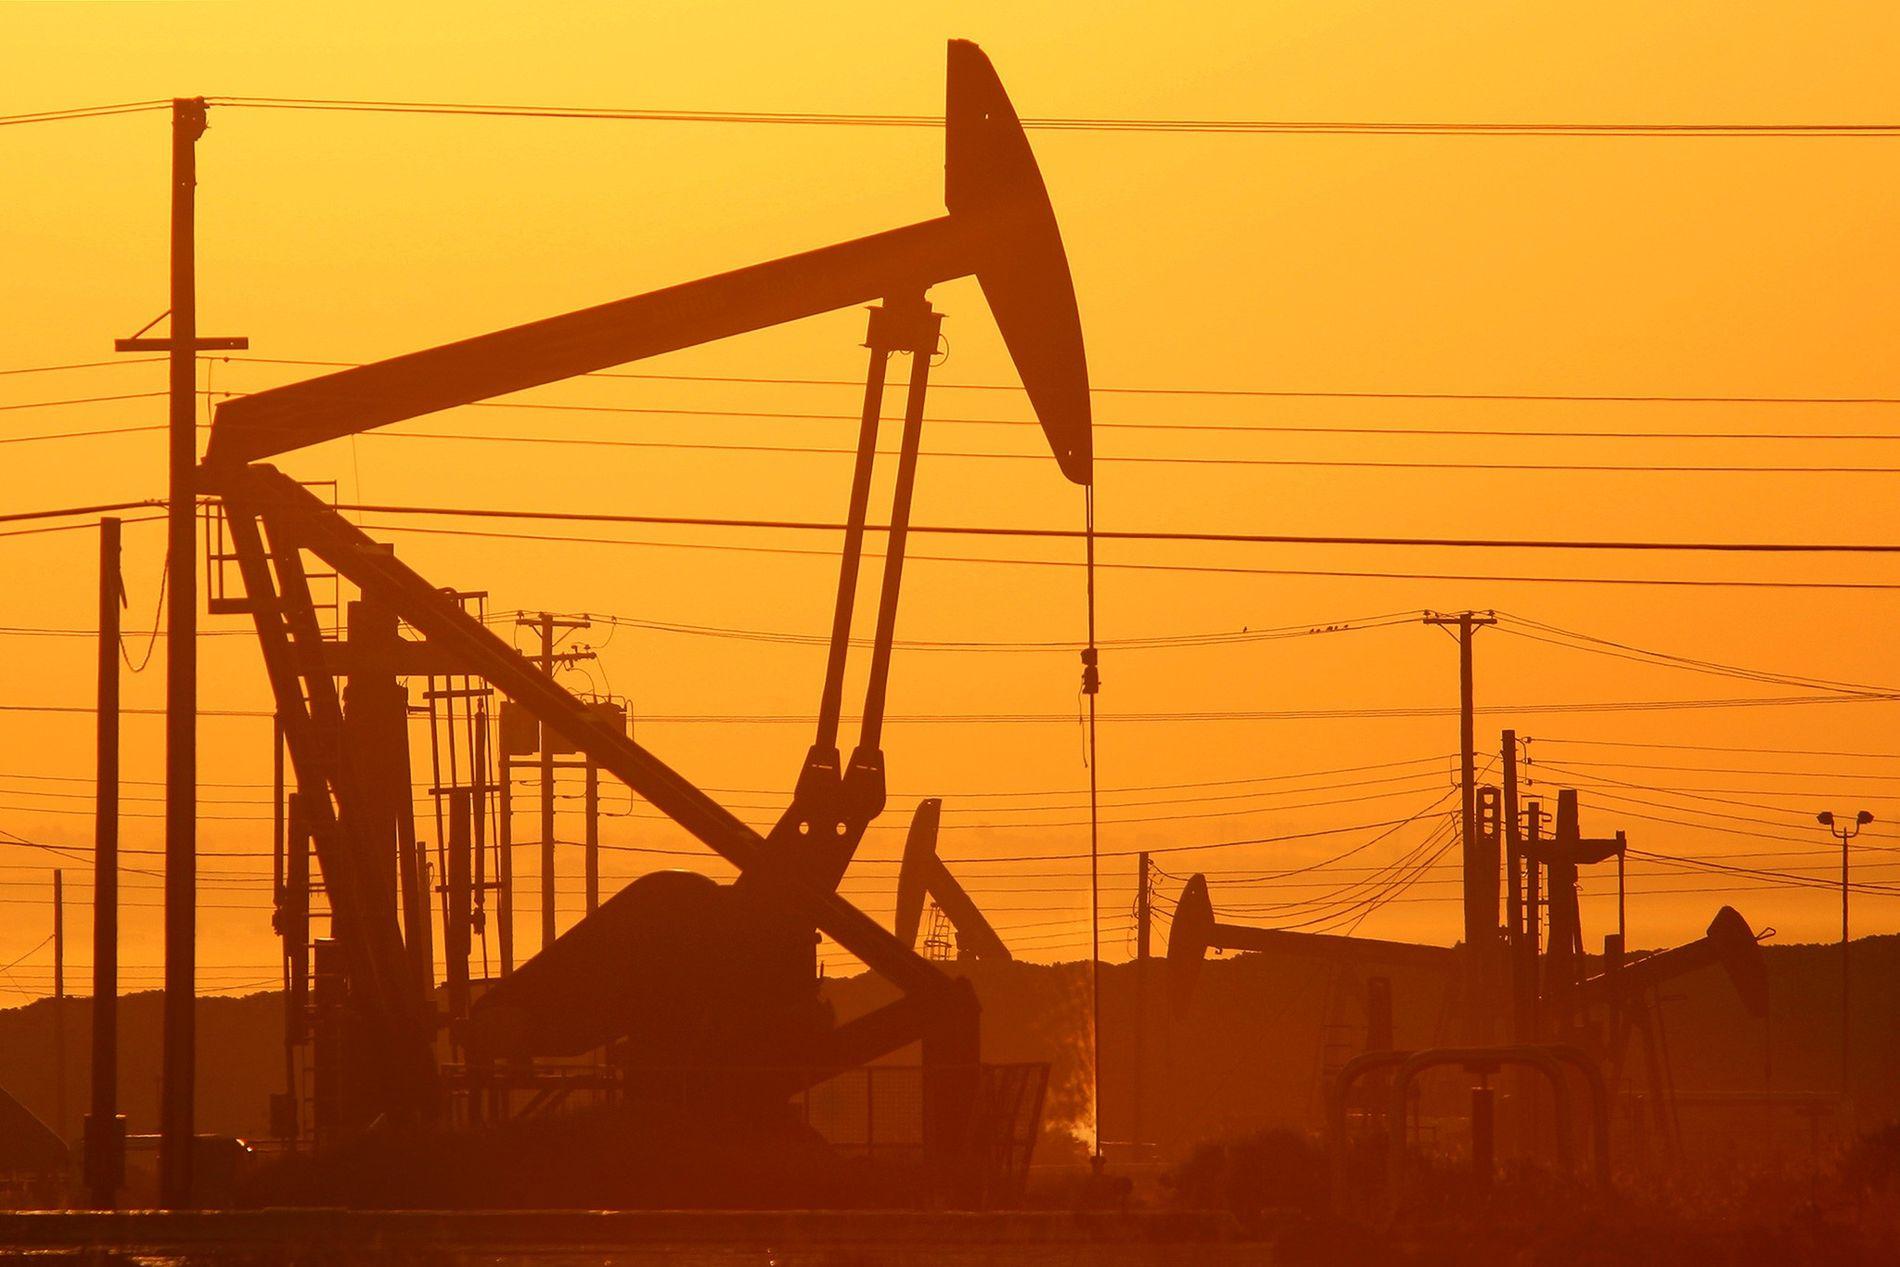 Se ven gatos de bombeo al amanecer en un campo petrolero sobre la formación Monterey Shale en California, donde se extrae gas y petróleo mediante la fracturación hidráulica o fracking.